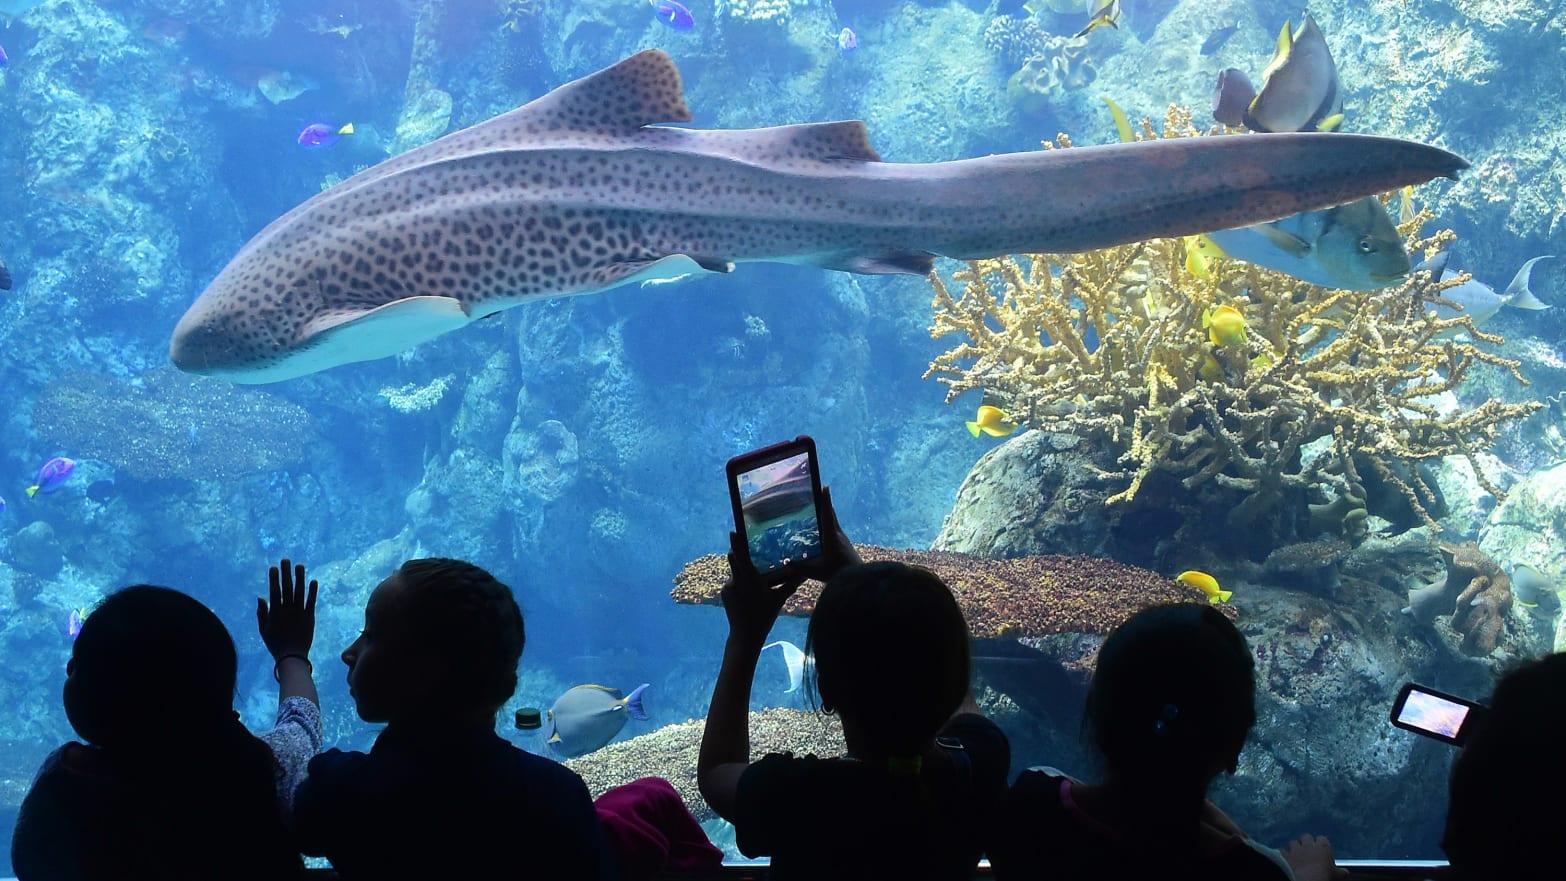 Aquarium of the Pacific Unveils $53 Million New Wing: Is This the Future of Aquariums?